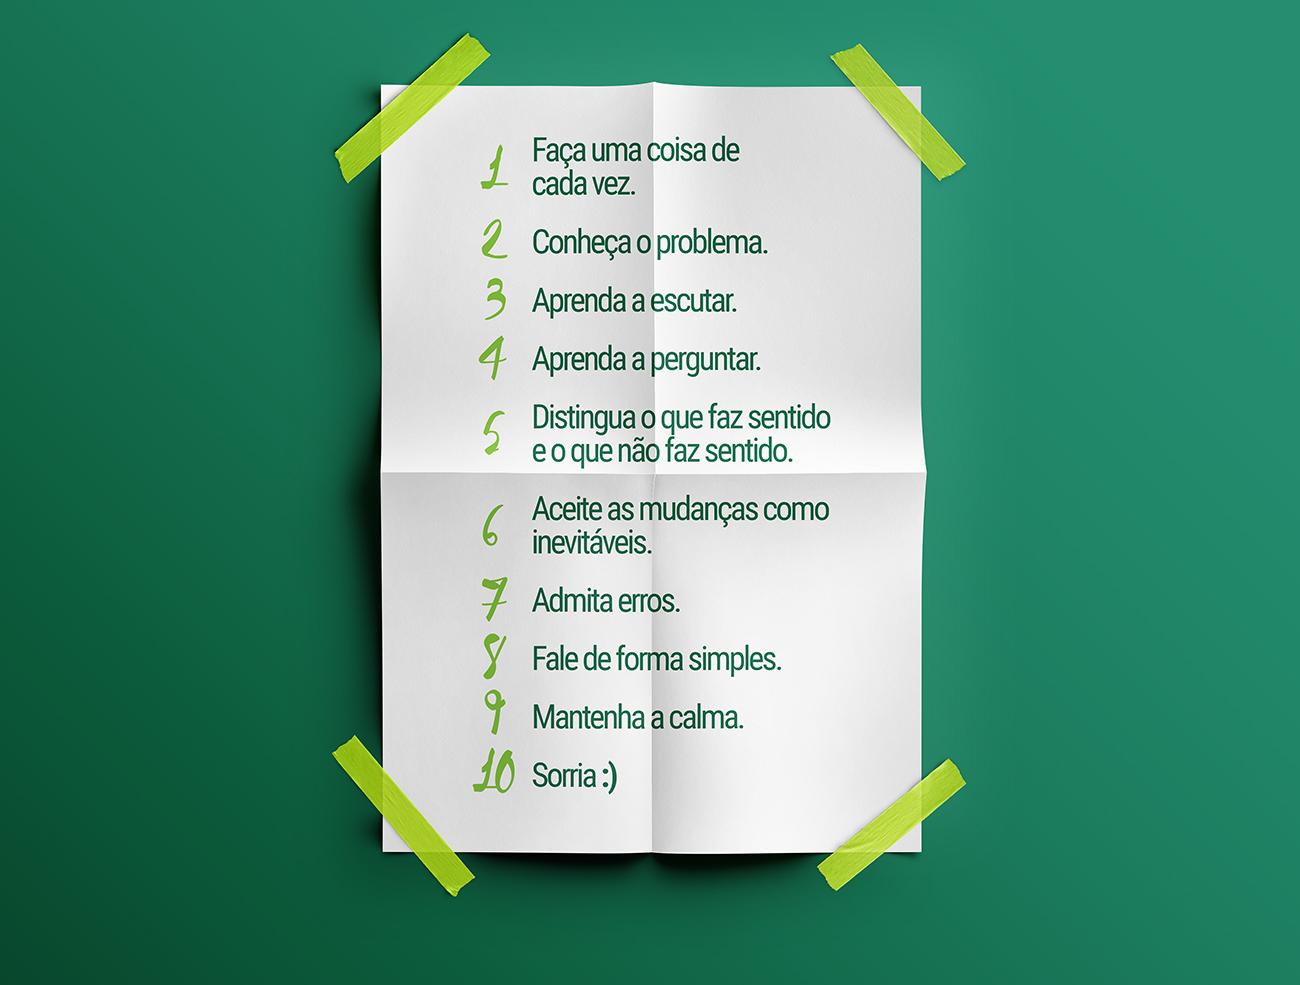 10 dicas básicas para se trabalhar melhor